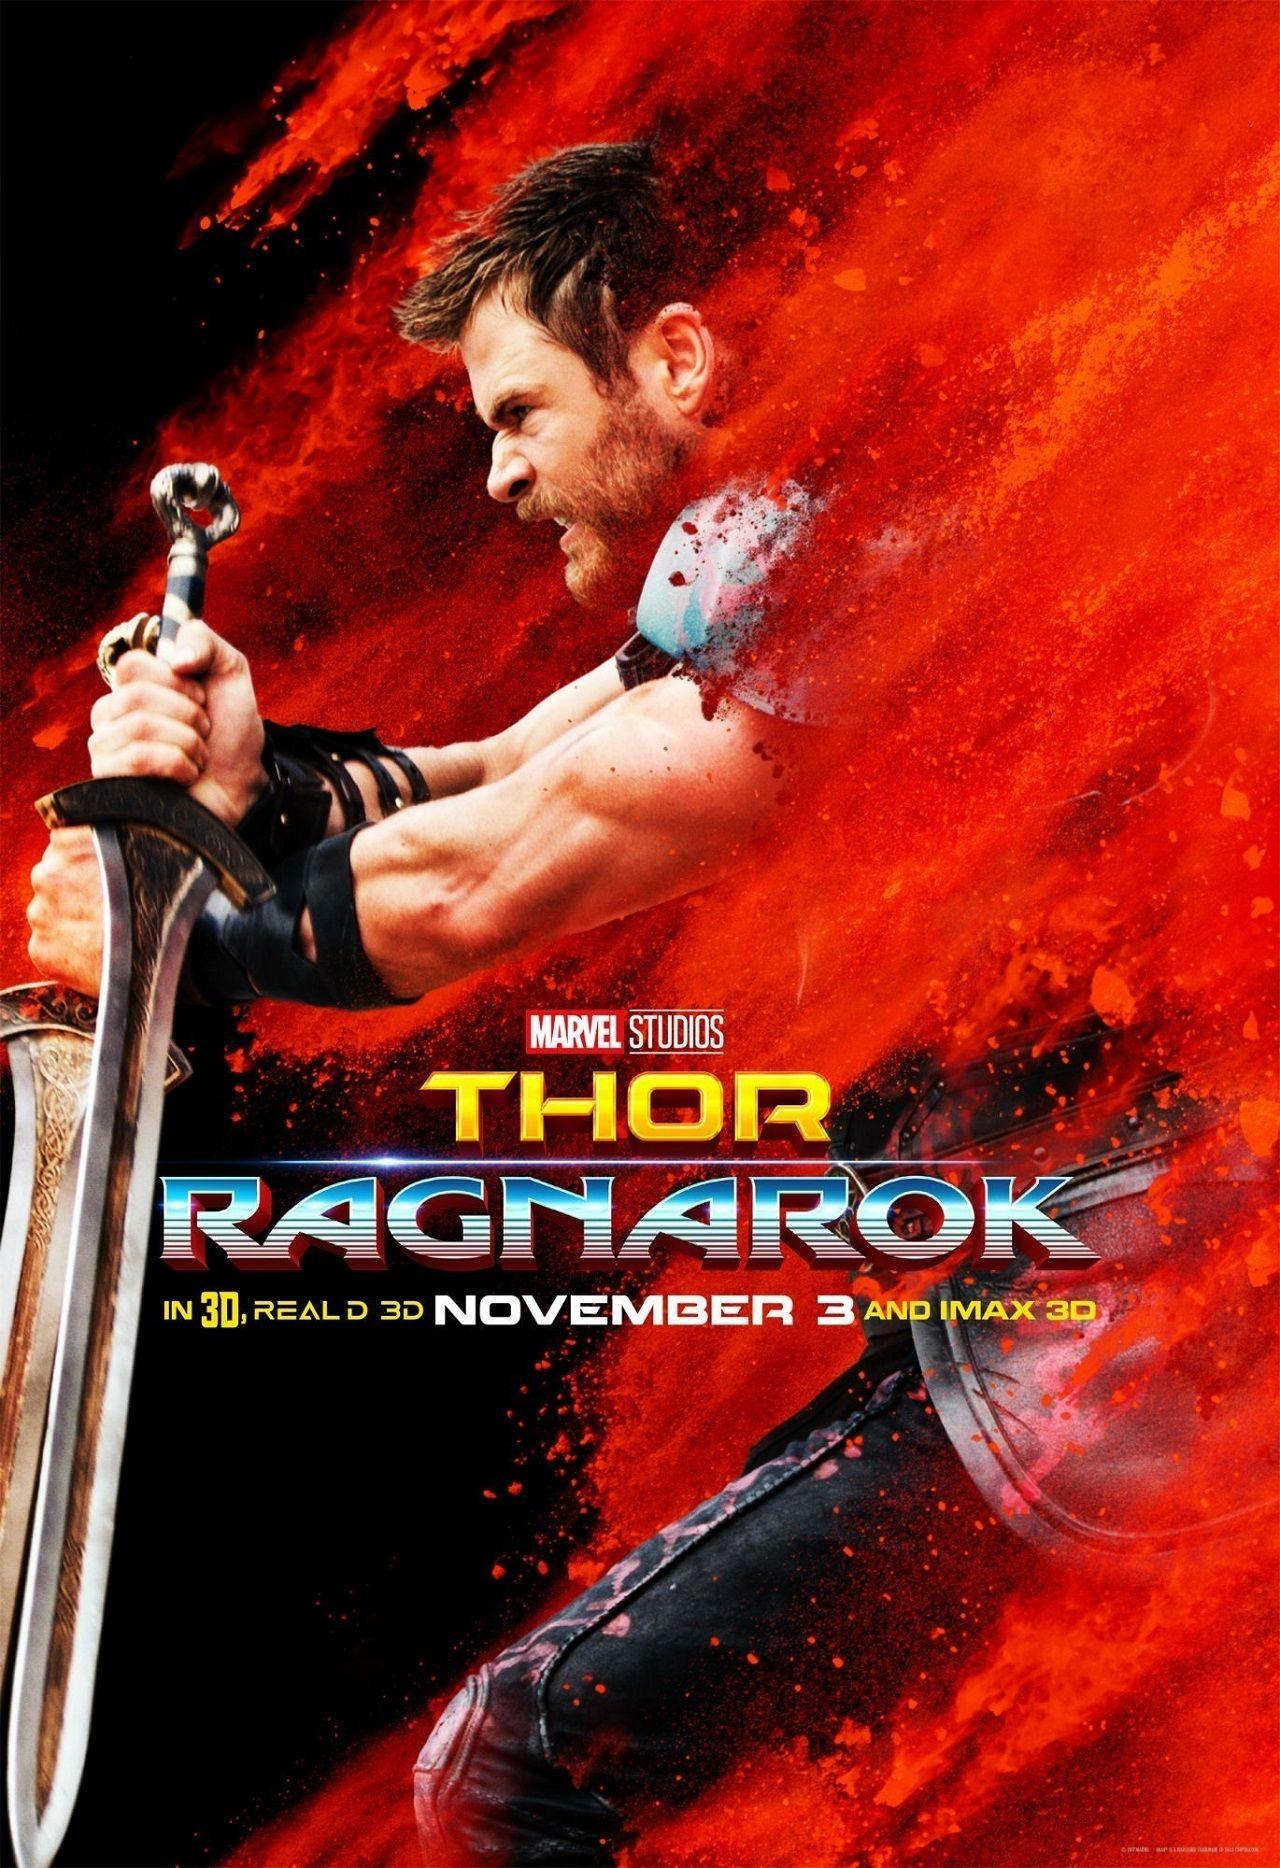 Thor Ragnarok Ganha Posteres Coloridos Inspirados Em Jack Kirby